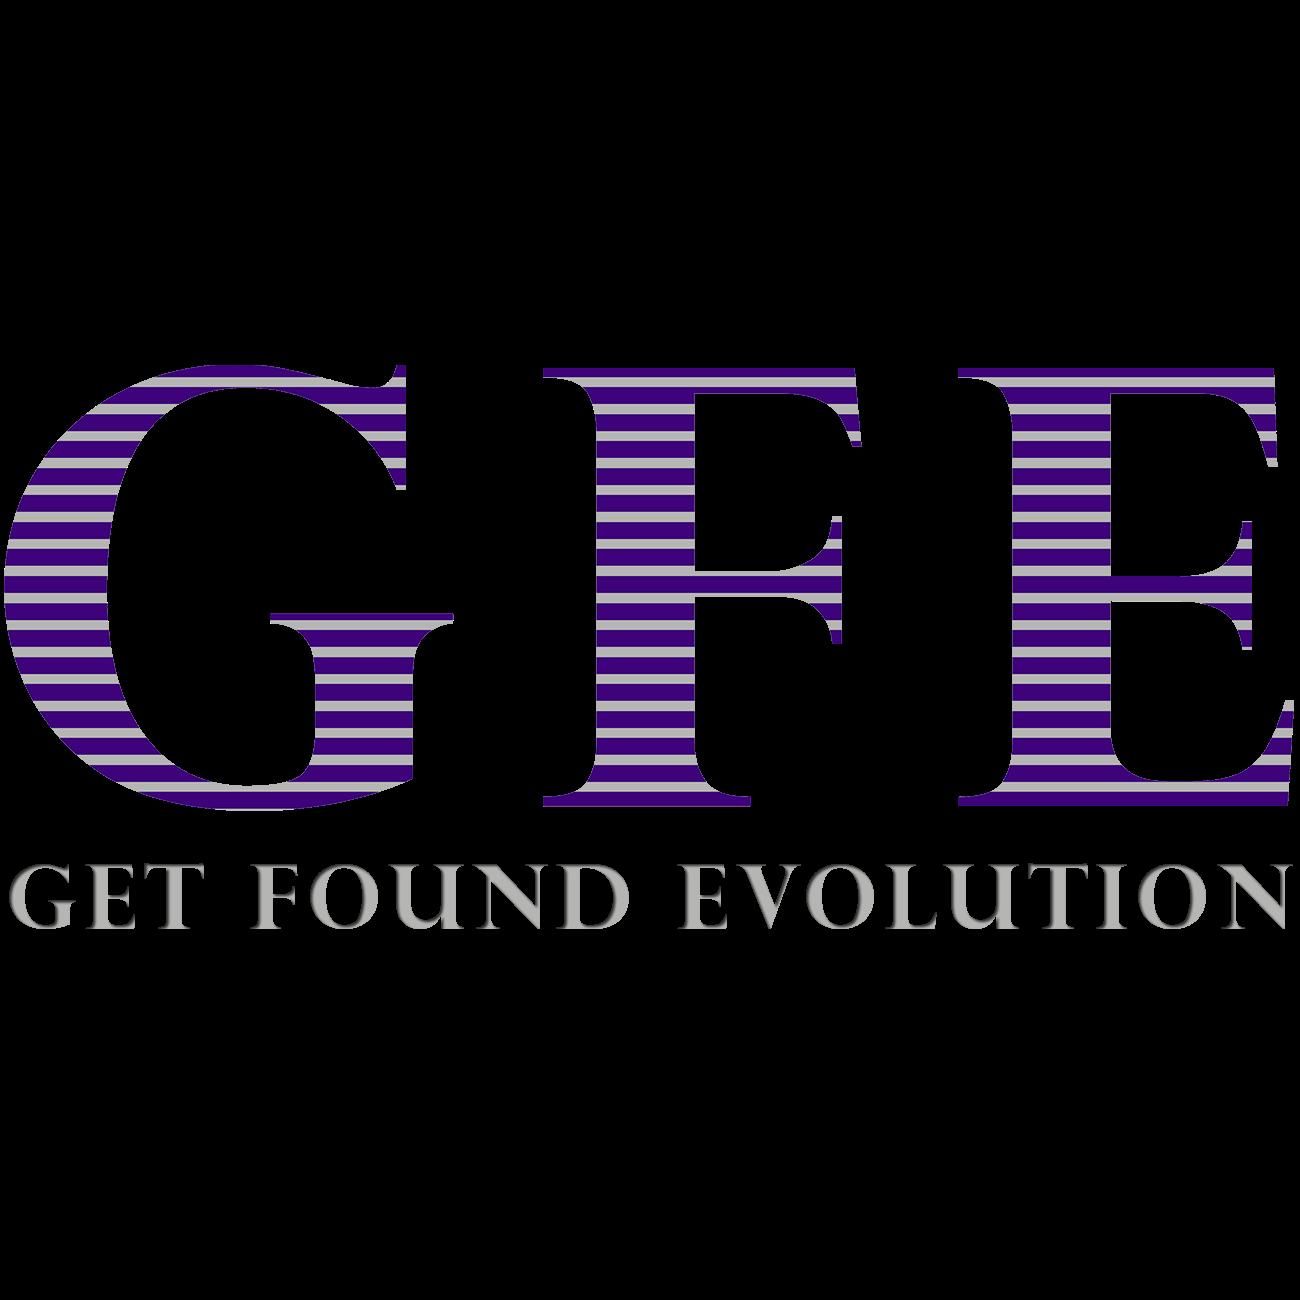 Get Found Evolution image 13